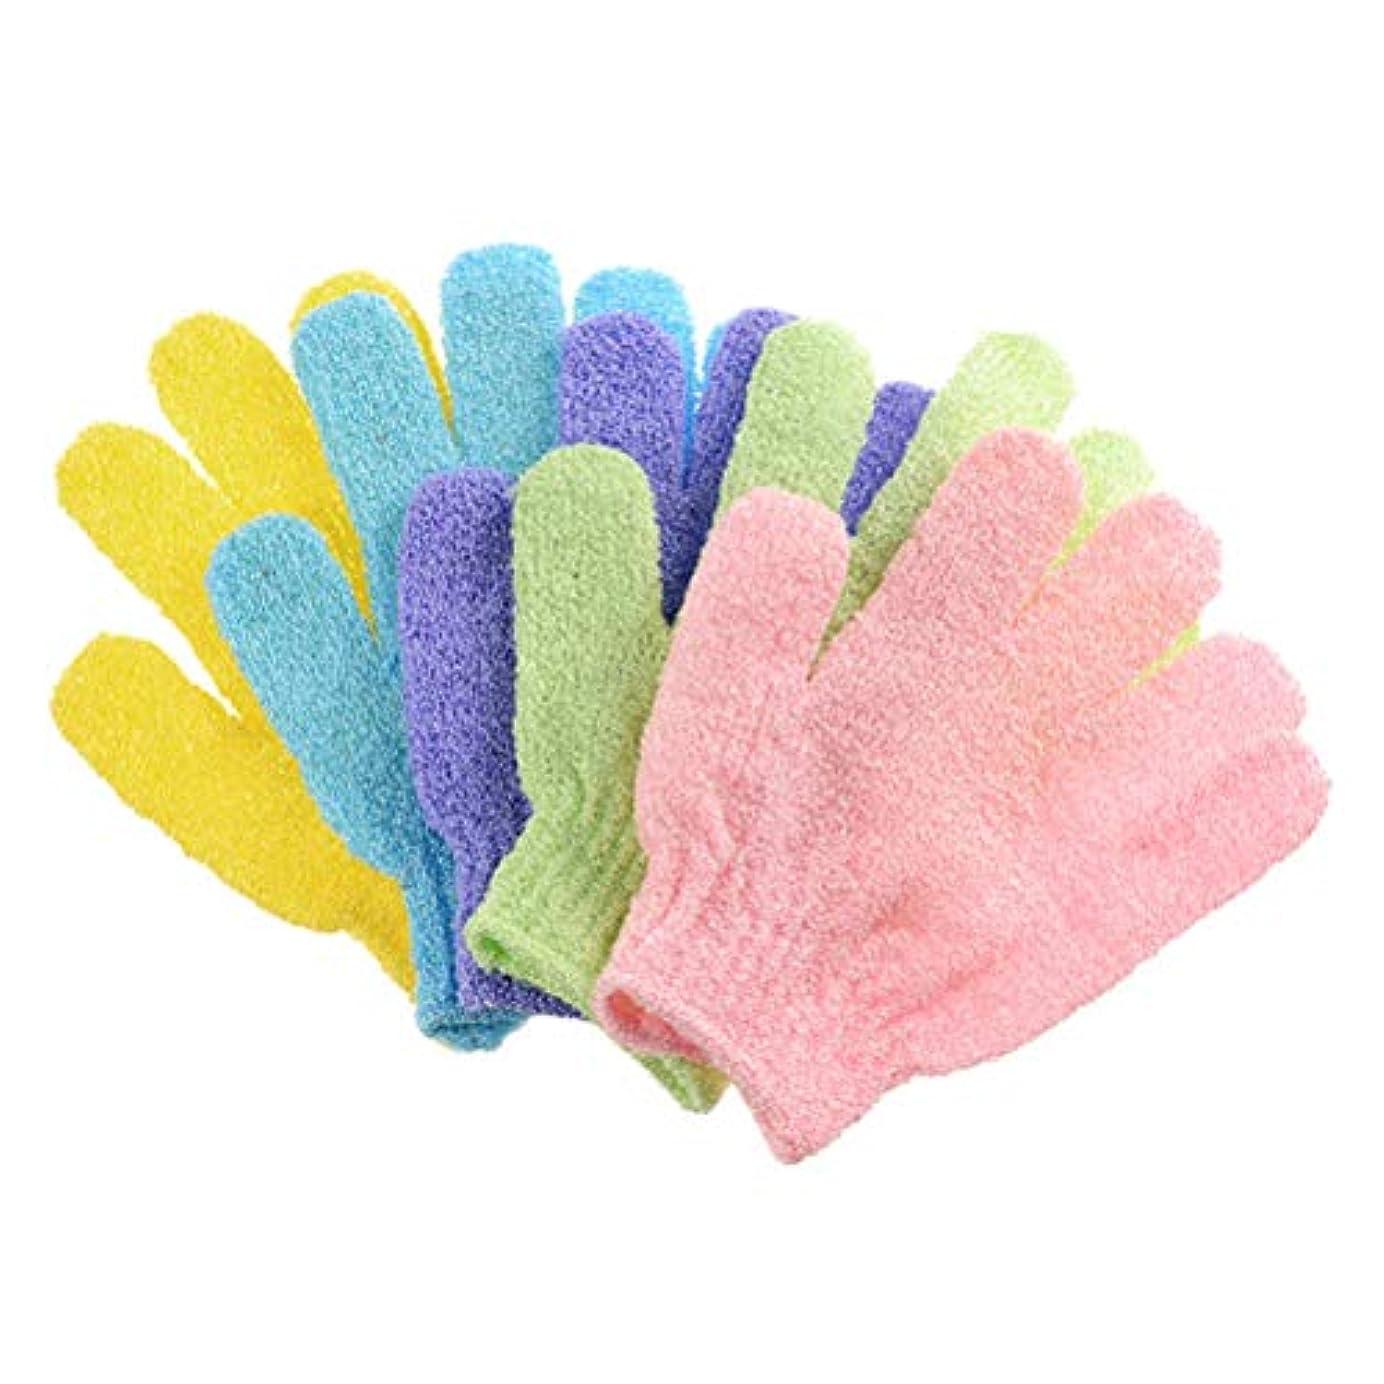 失望させるなめらか近代化するTOPBATHY 20ピースバスウォッシュタオル剥離バスクロス手袋バックスクラバーバスクロスタオルボディ用入浴用シャワースパ(混色)